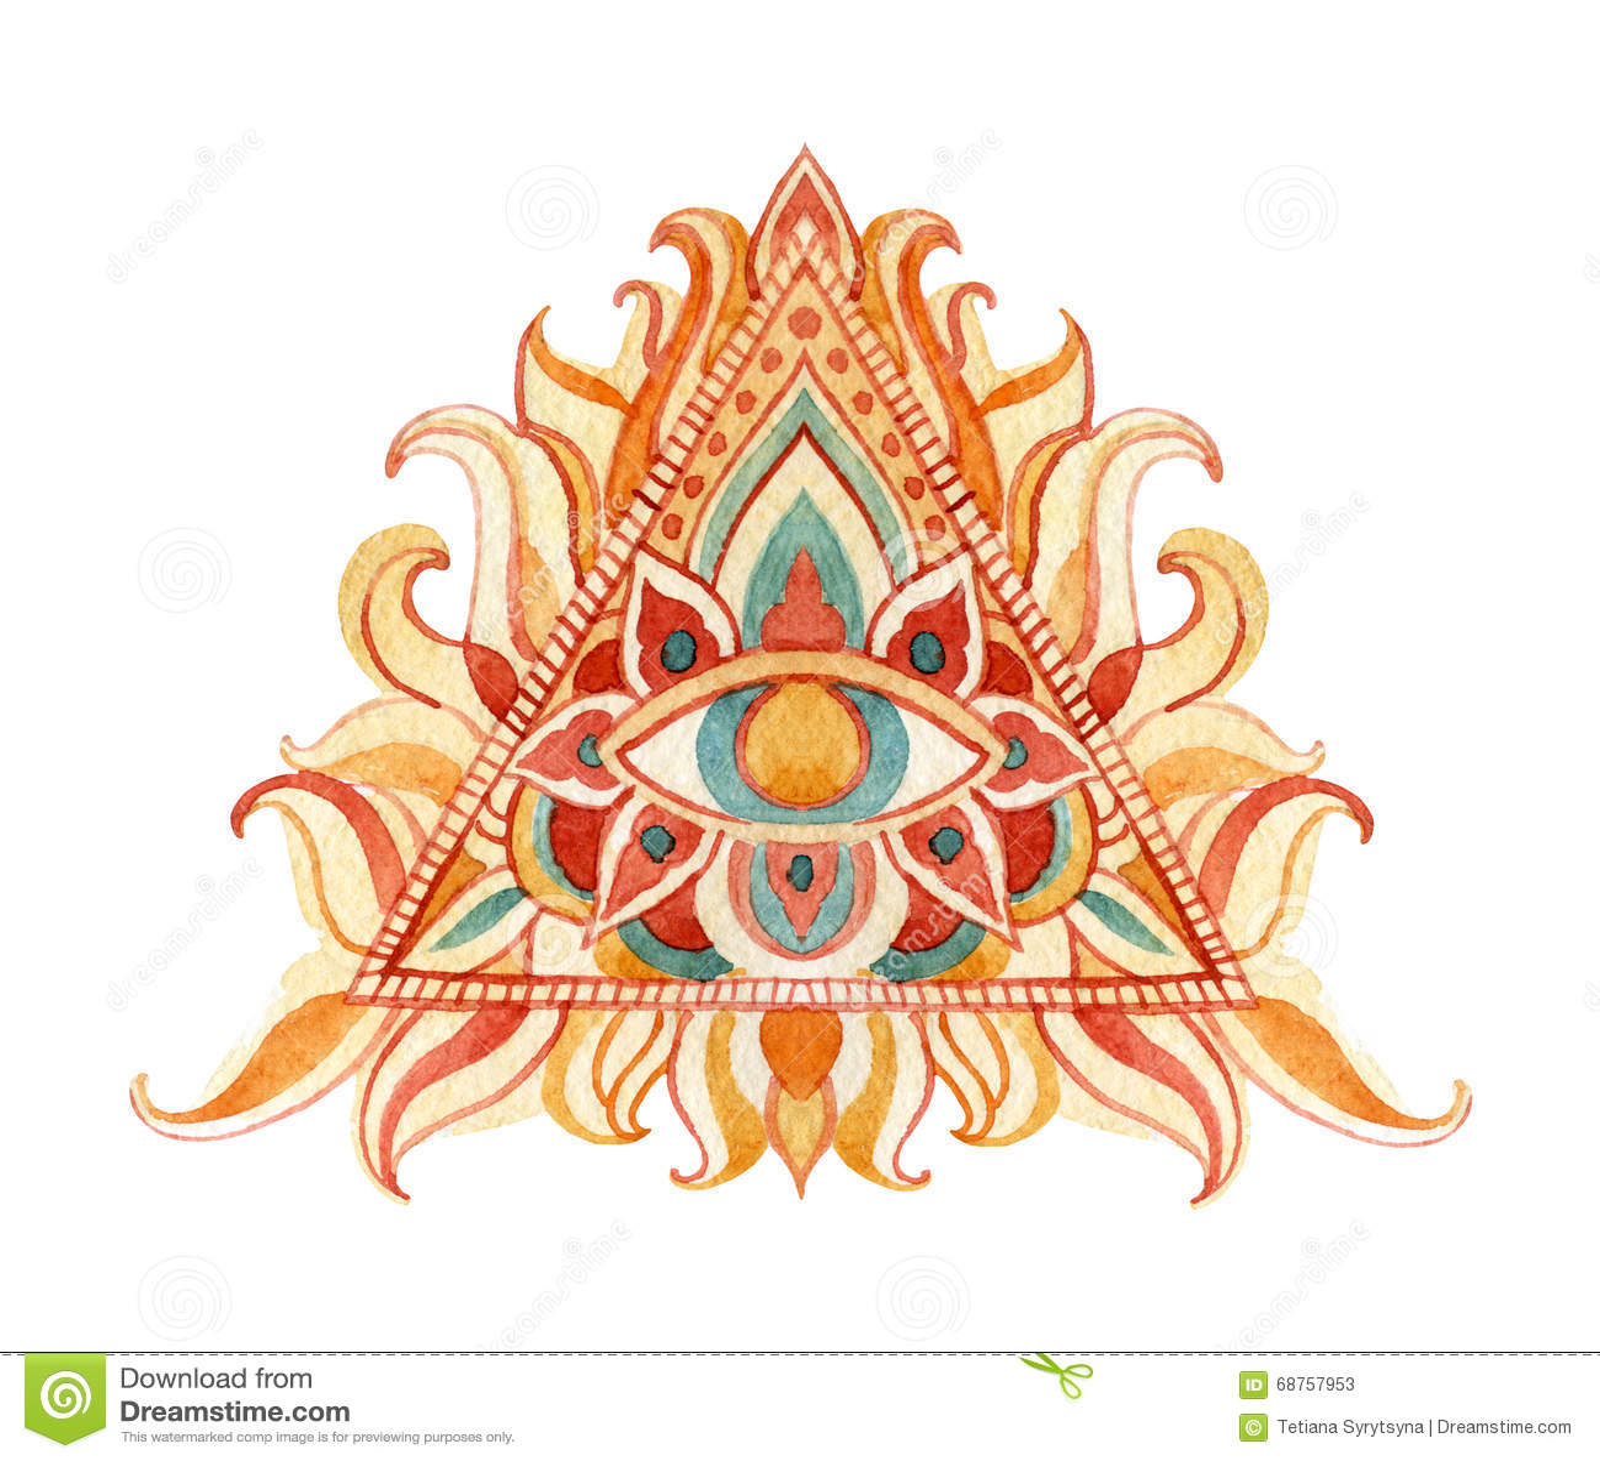 Vattenfärg allt seende ögonsymbol i pyramid